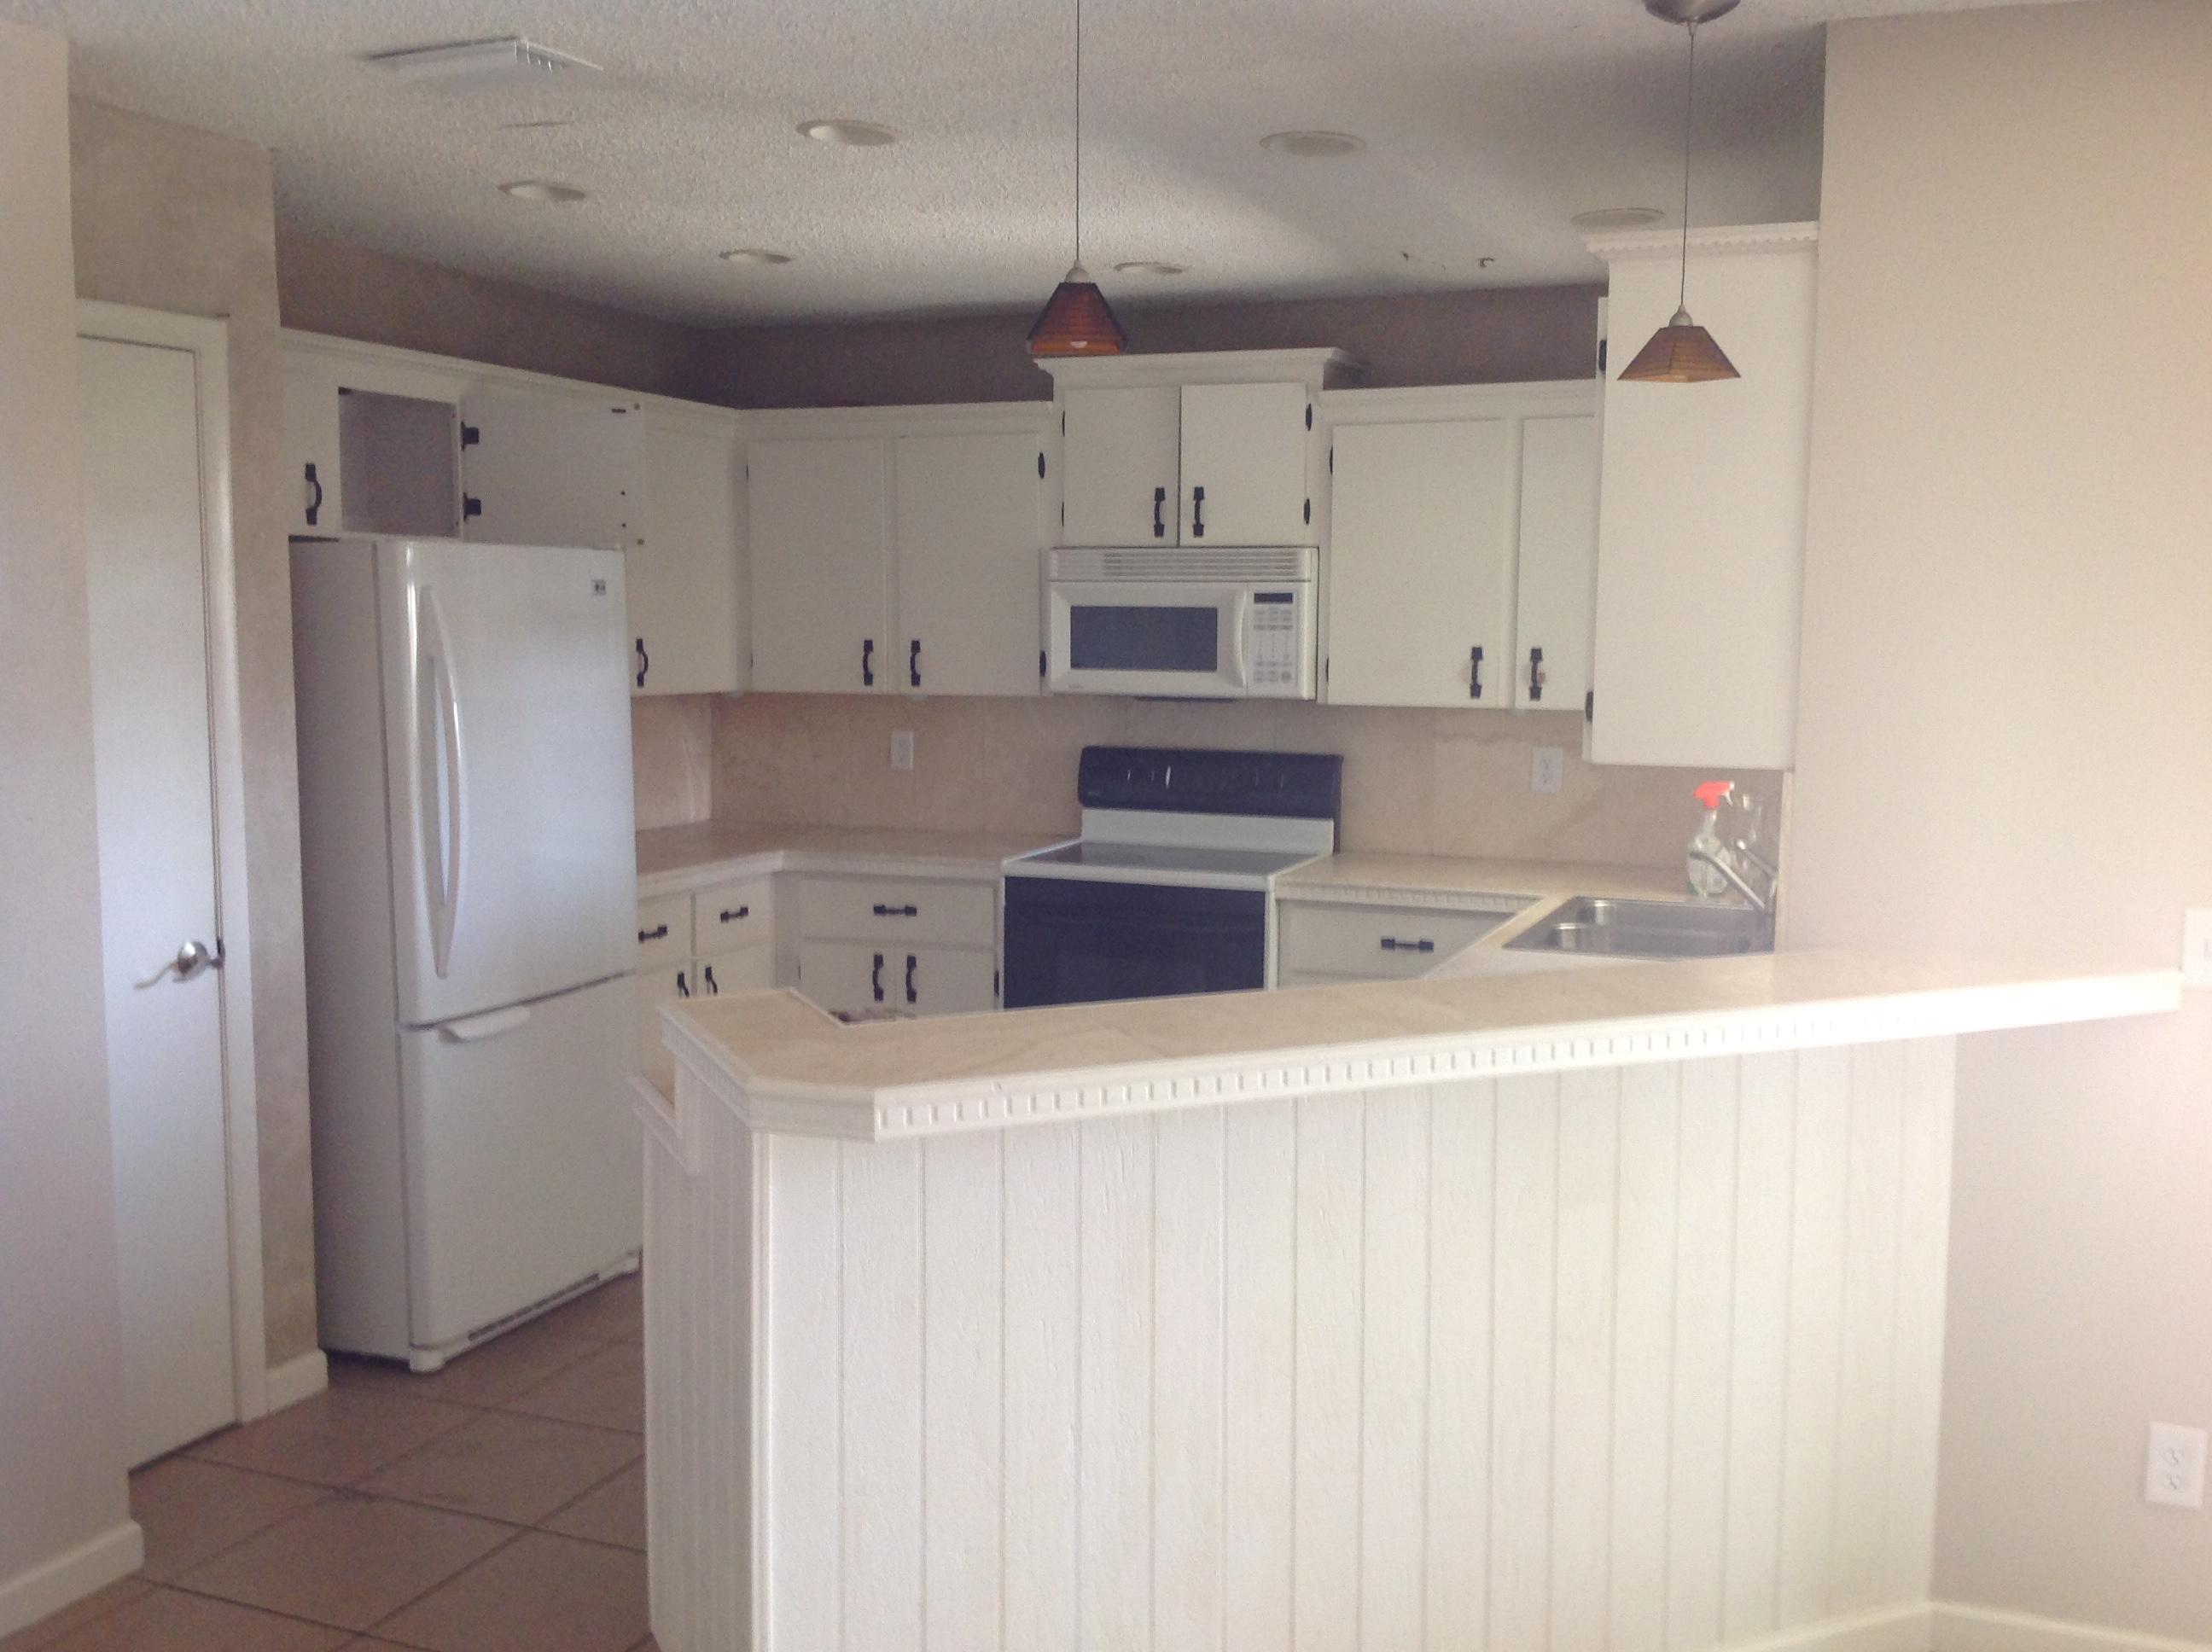 613 SE Capon Terrace - 34983 - FL - Port Saint Lucie